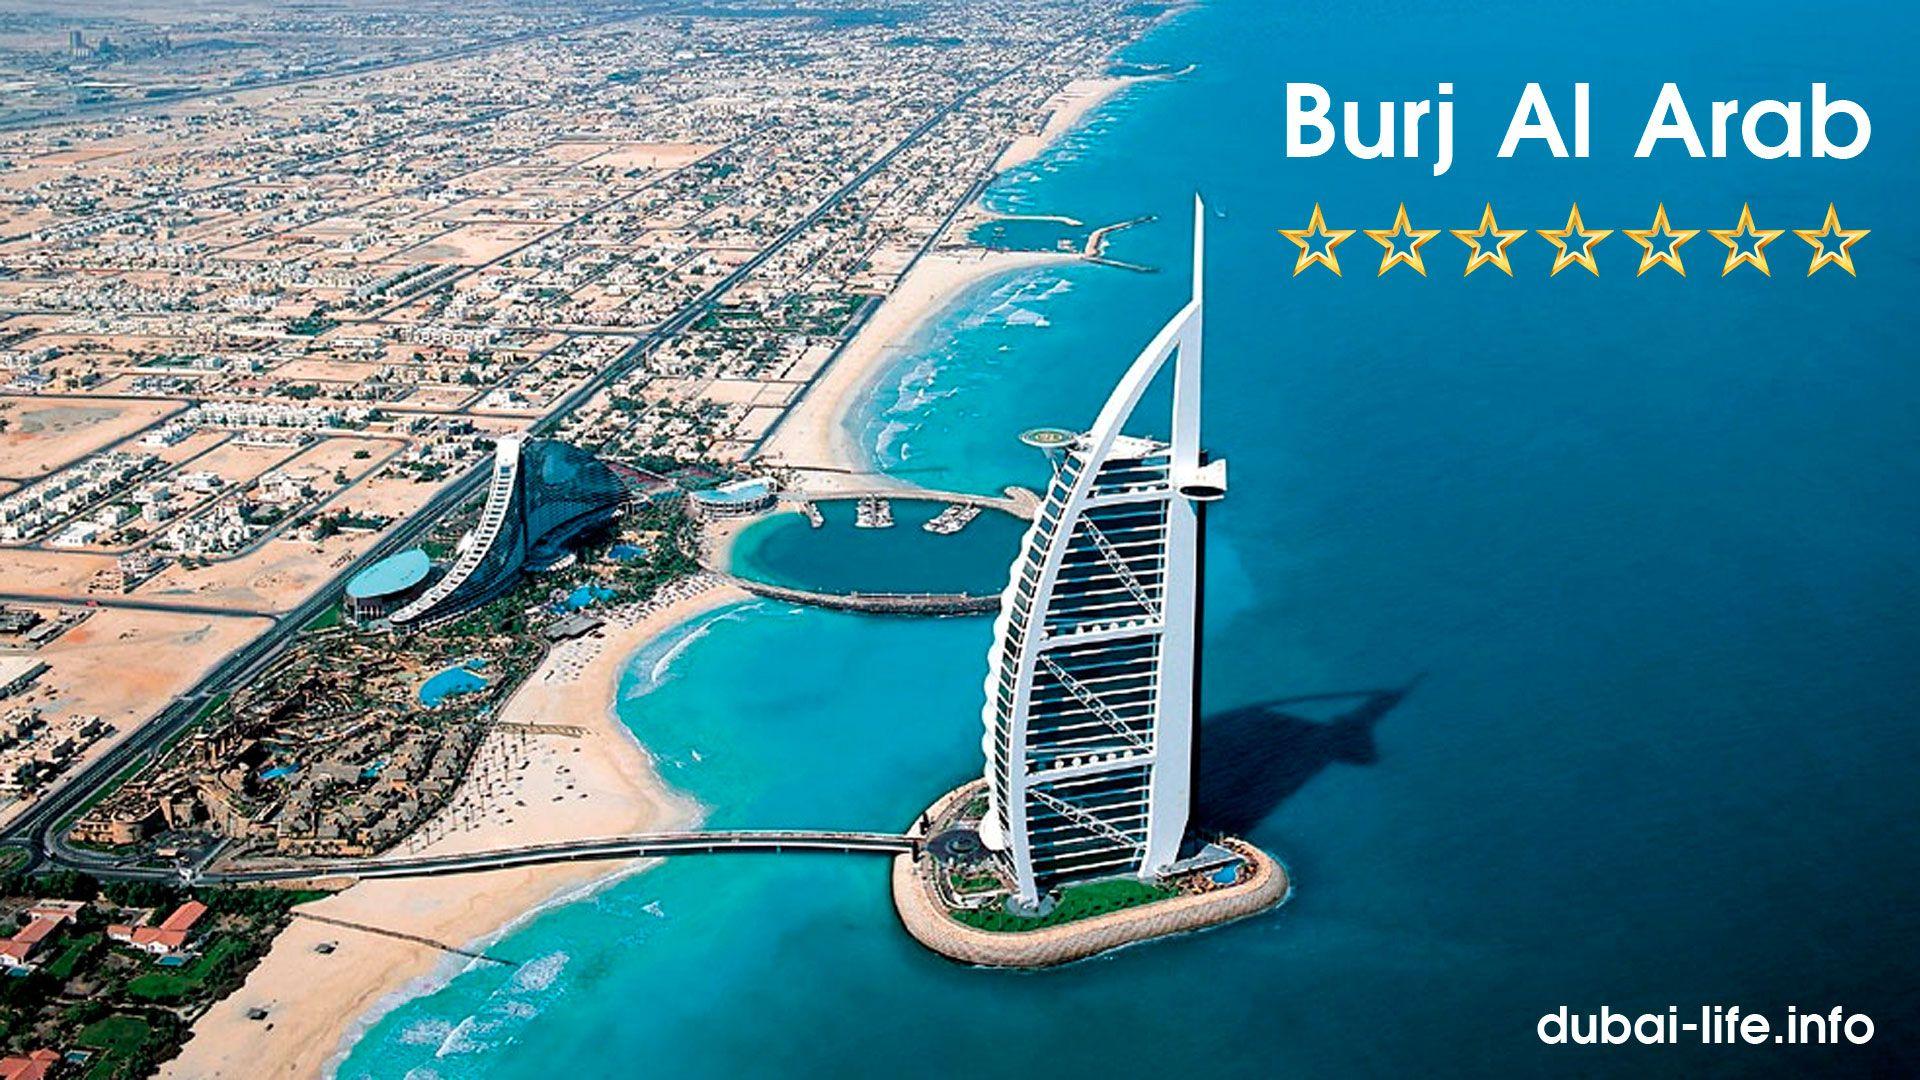 Дубай отель бурдж аль араб фото аренда квартир в оаэ в месяц